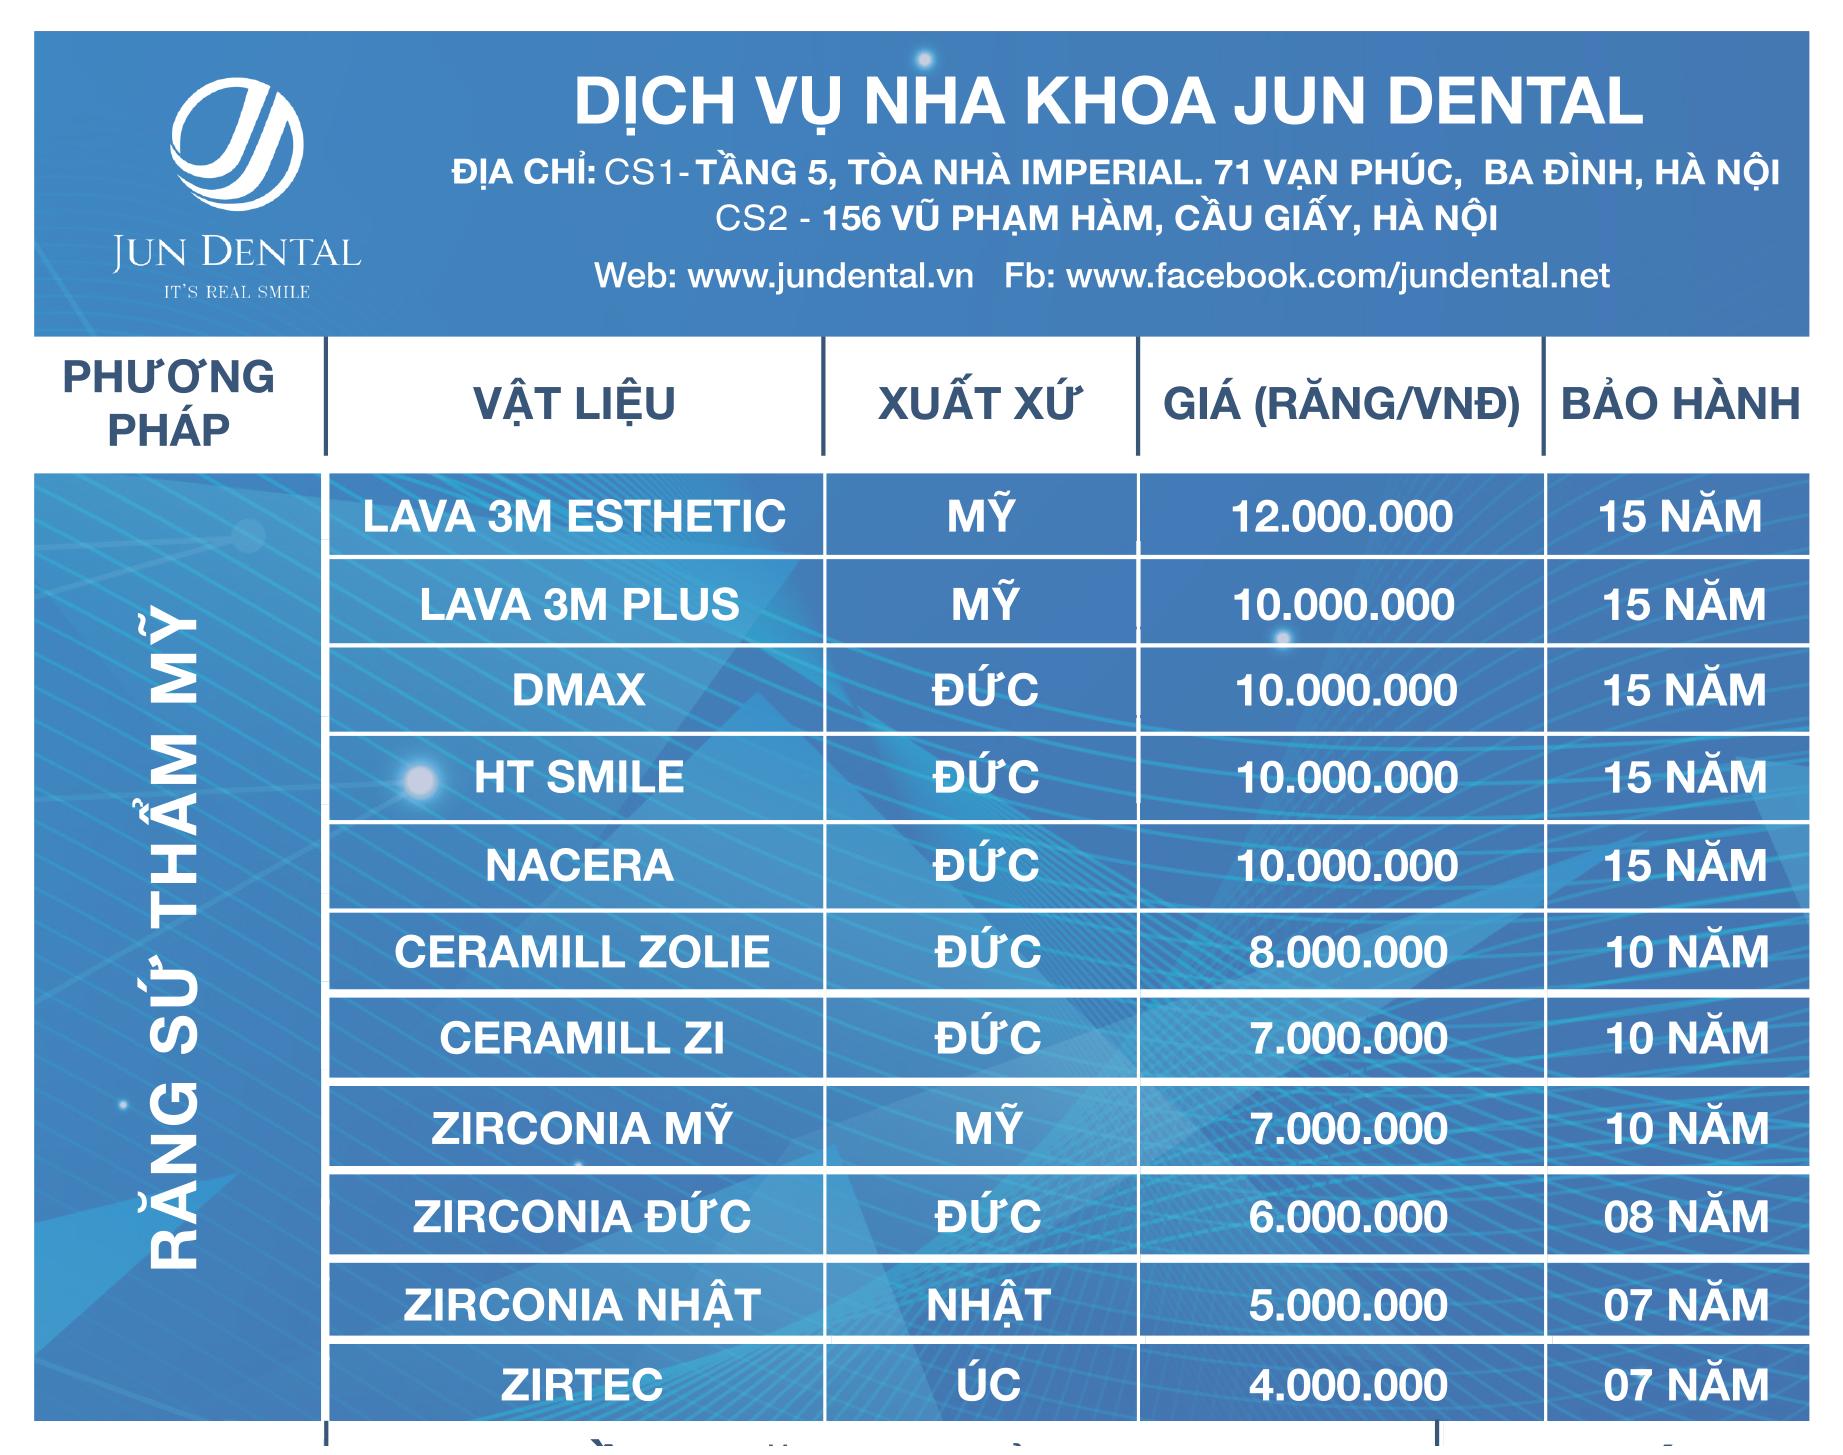 Bảng giá dịch vụ bọc răng sứ